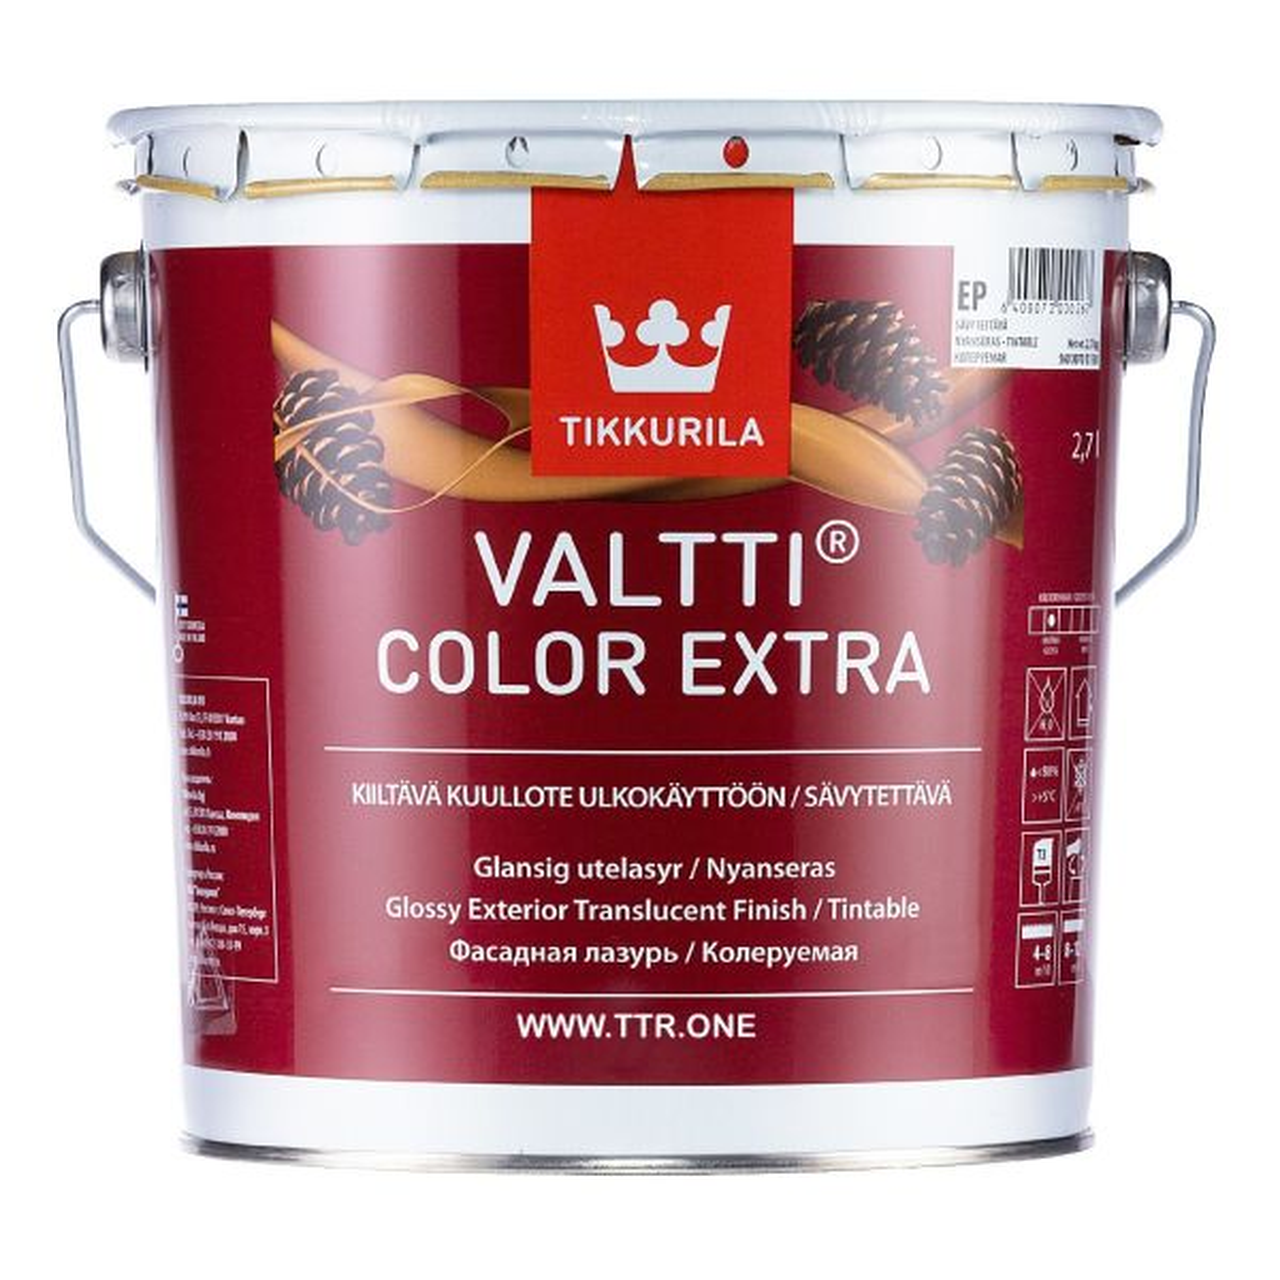 رنگ پایه روغن تیکوریلا مدل Valtti Color EXTRA 5052  حجم 3 لیتر